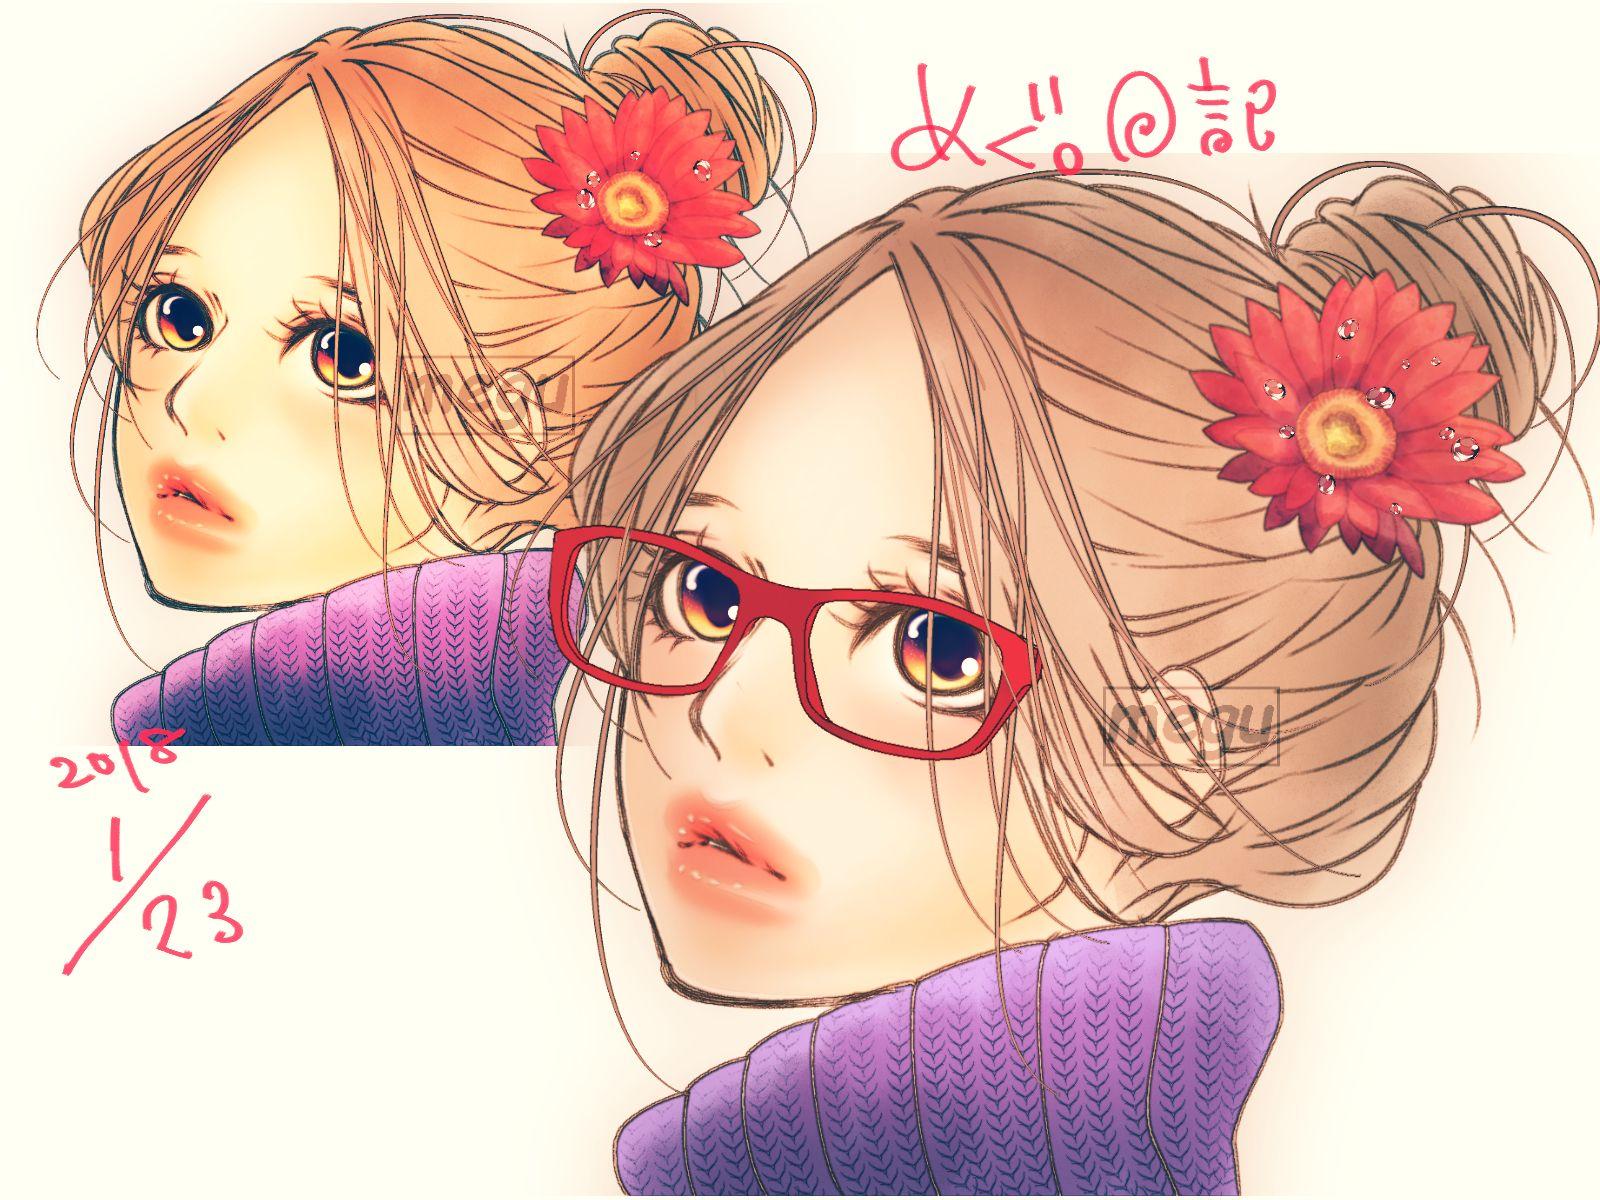 ゆるふわお団子ヘアの女の子 メガネあり なし イラスト クリスマスディスプレイ 絵